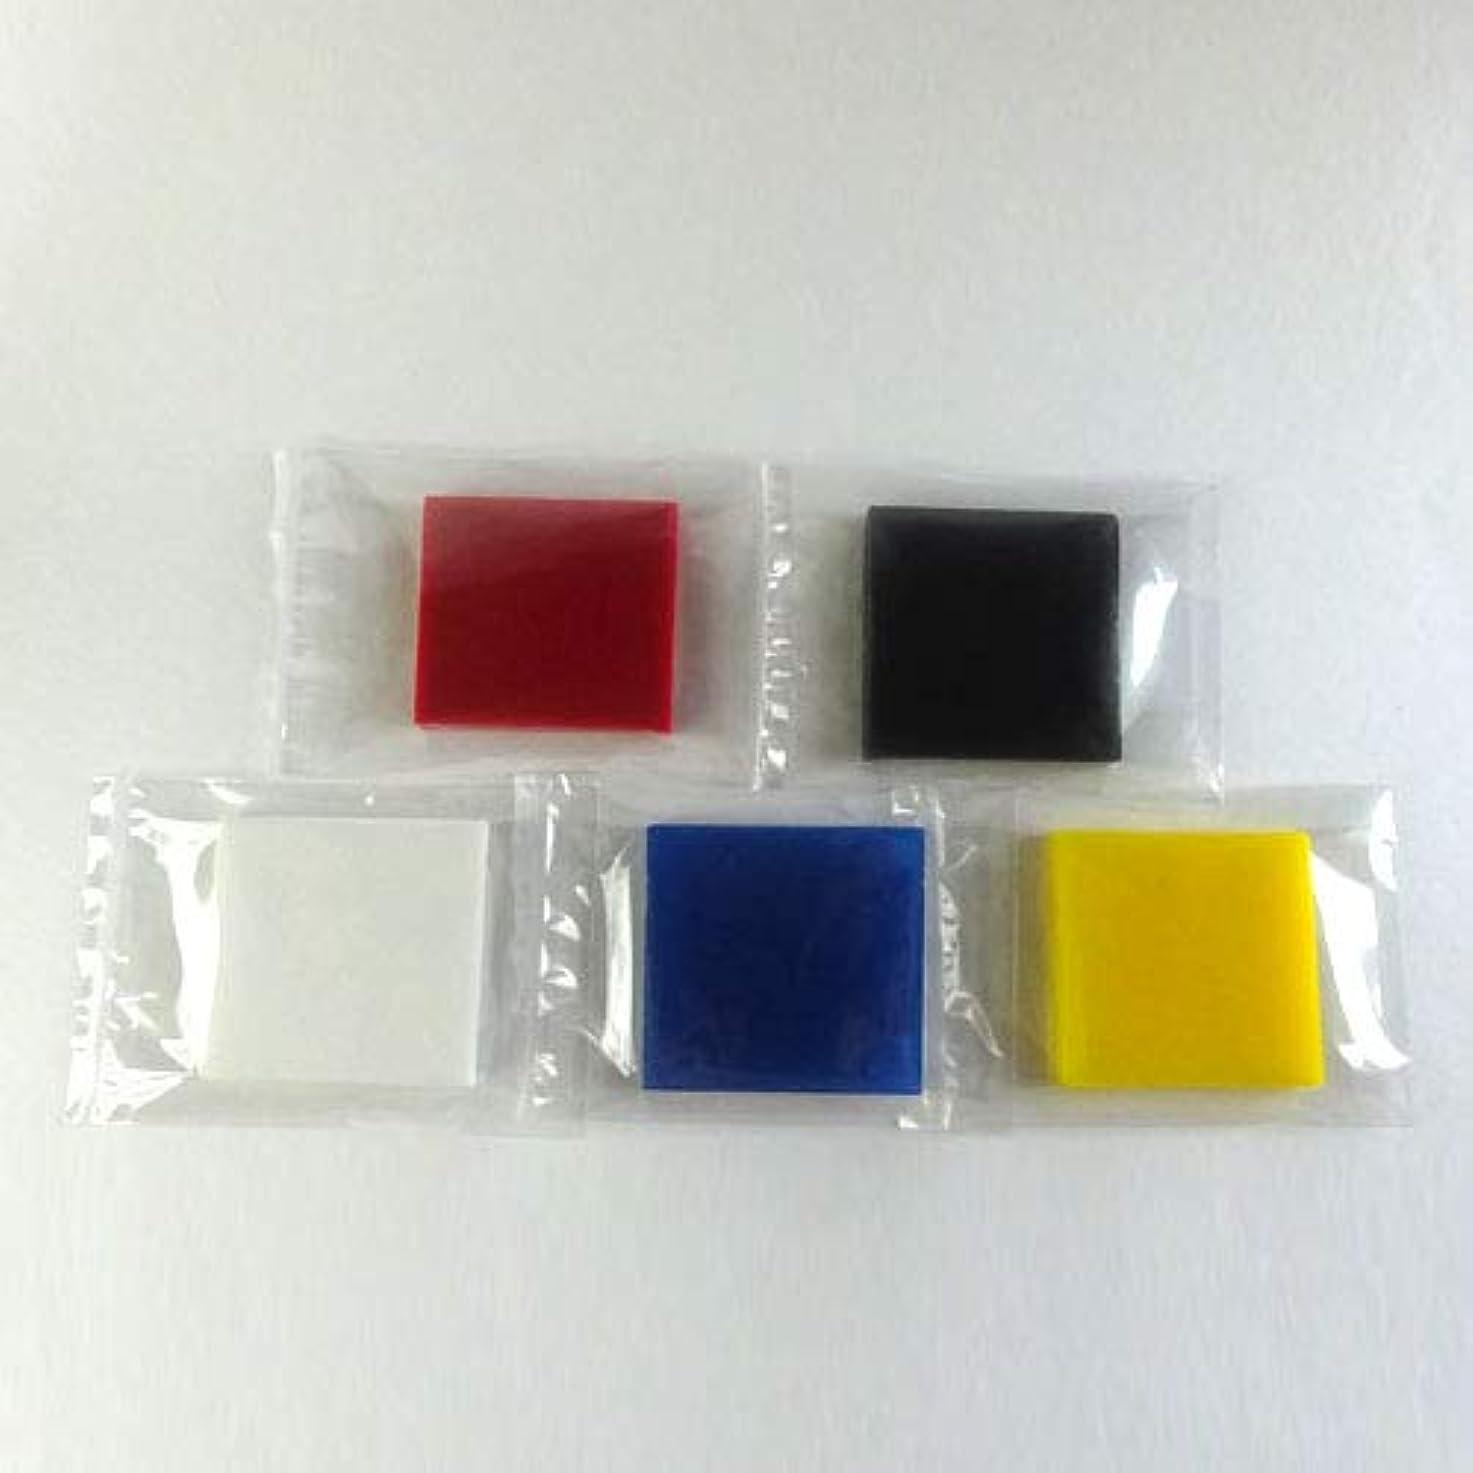 壊れた形式ソログリセリンソープ MPソープ 色チップ 5色(赤?青?黄?白?黒) 各60g(30g x 2pc)